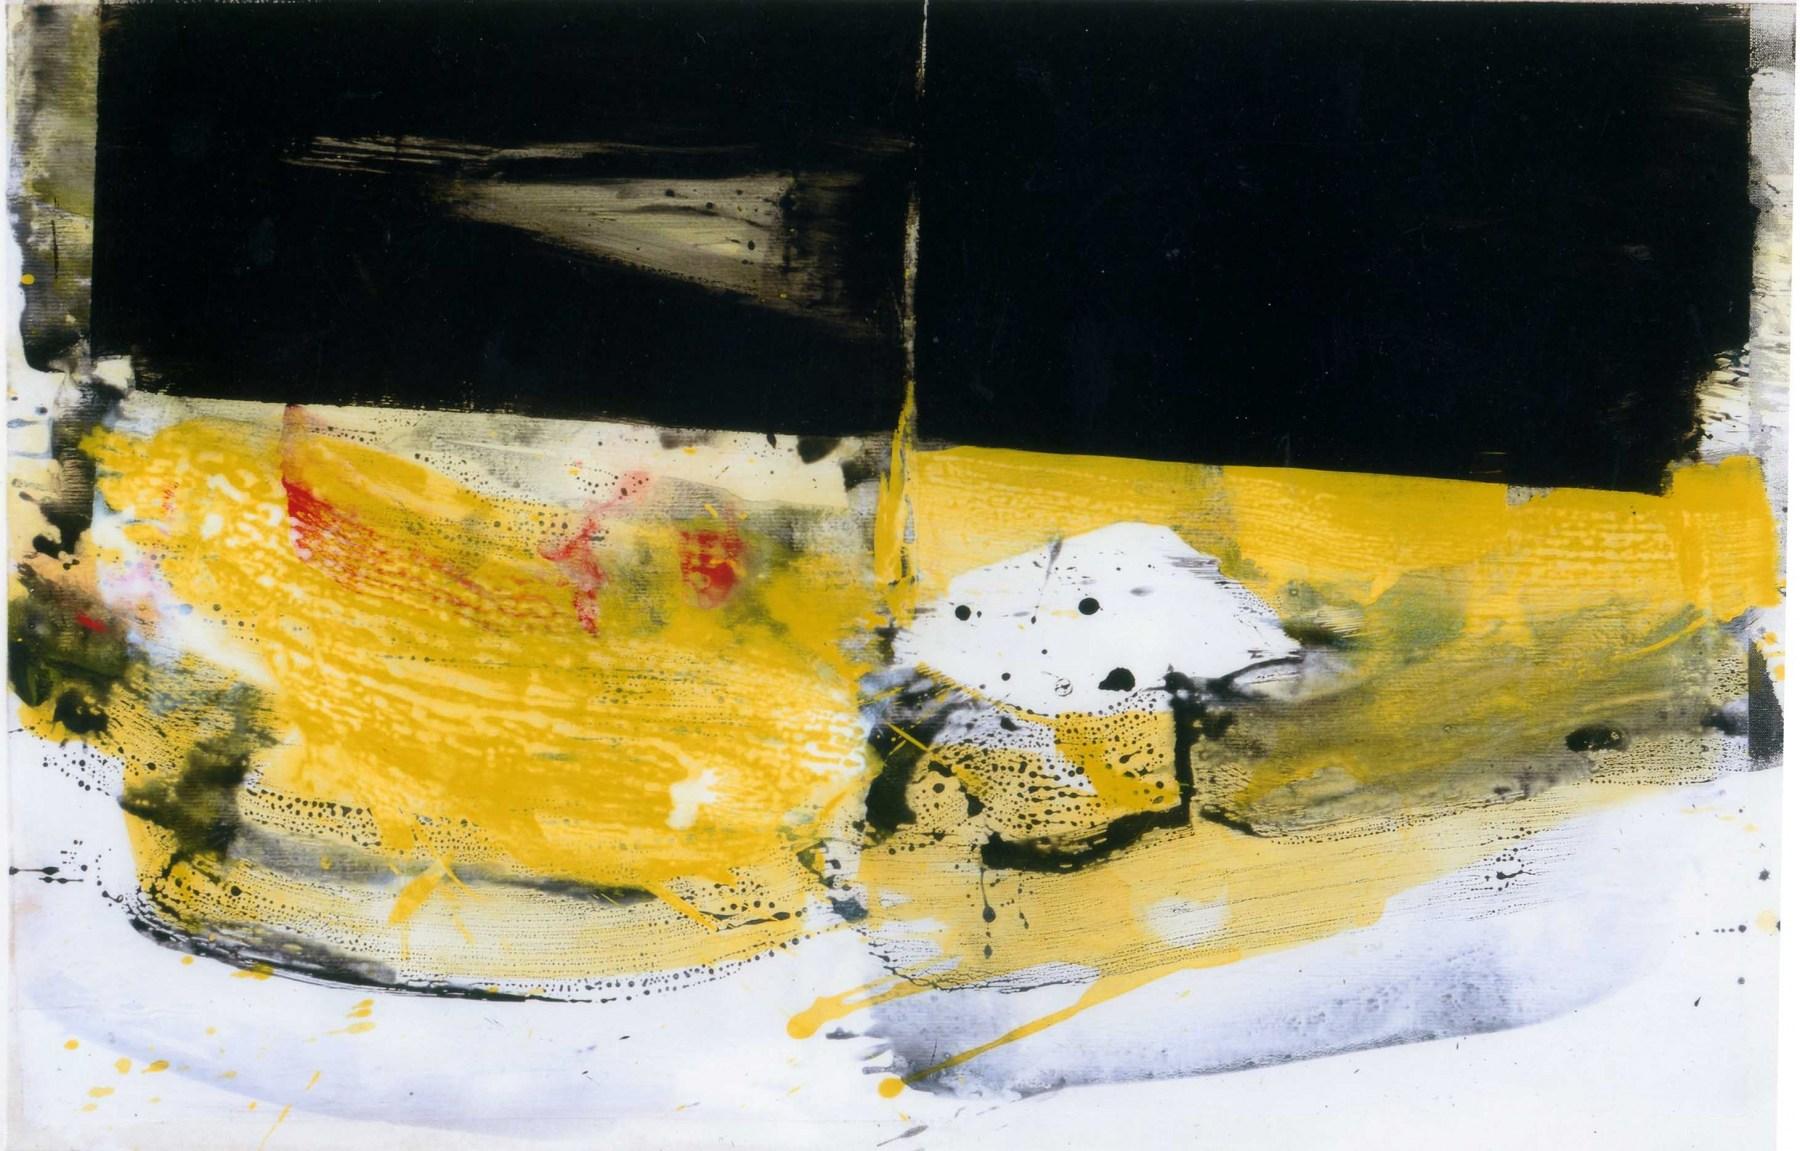 LACOMME-Troides-acrylique-sur-papier-marouflé-sur-toile-n°554-65x100cm-2004